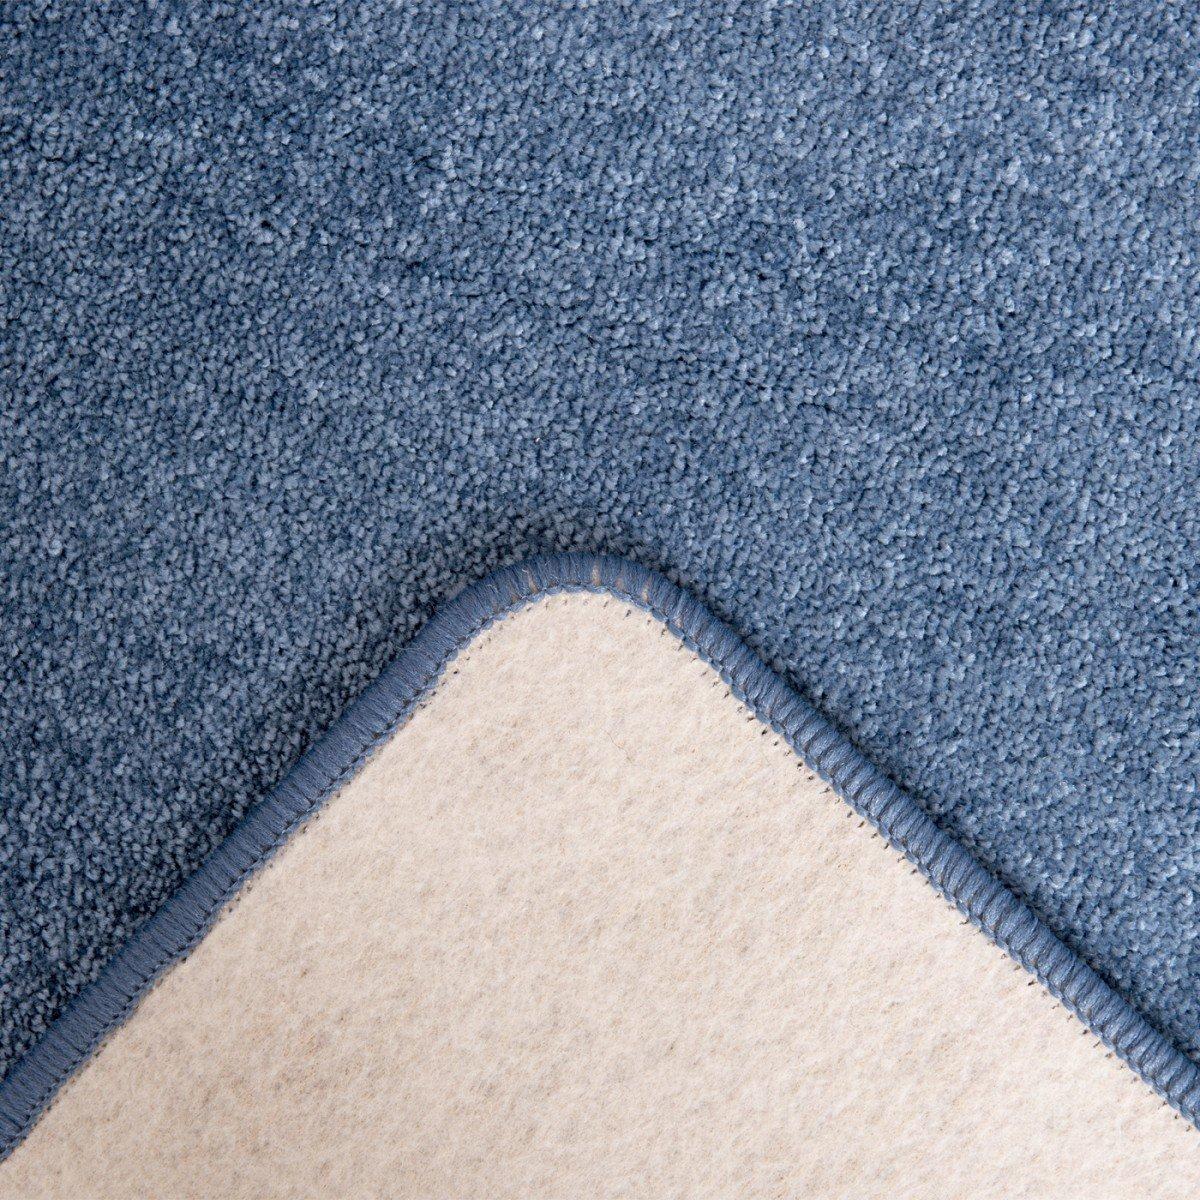 Havatex Havatex Havatex Velours Teppich Kontor - Farbe wählbar   schadstoffgeprüft pflegeleicht   robust strapazierfähig Wohnzimmer Kinderzimmer Schlafzimmer, Farbe Silber, Größe 80 x 200 cm B00IIC9GBG Teppiche 355cb9